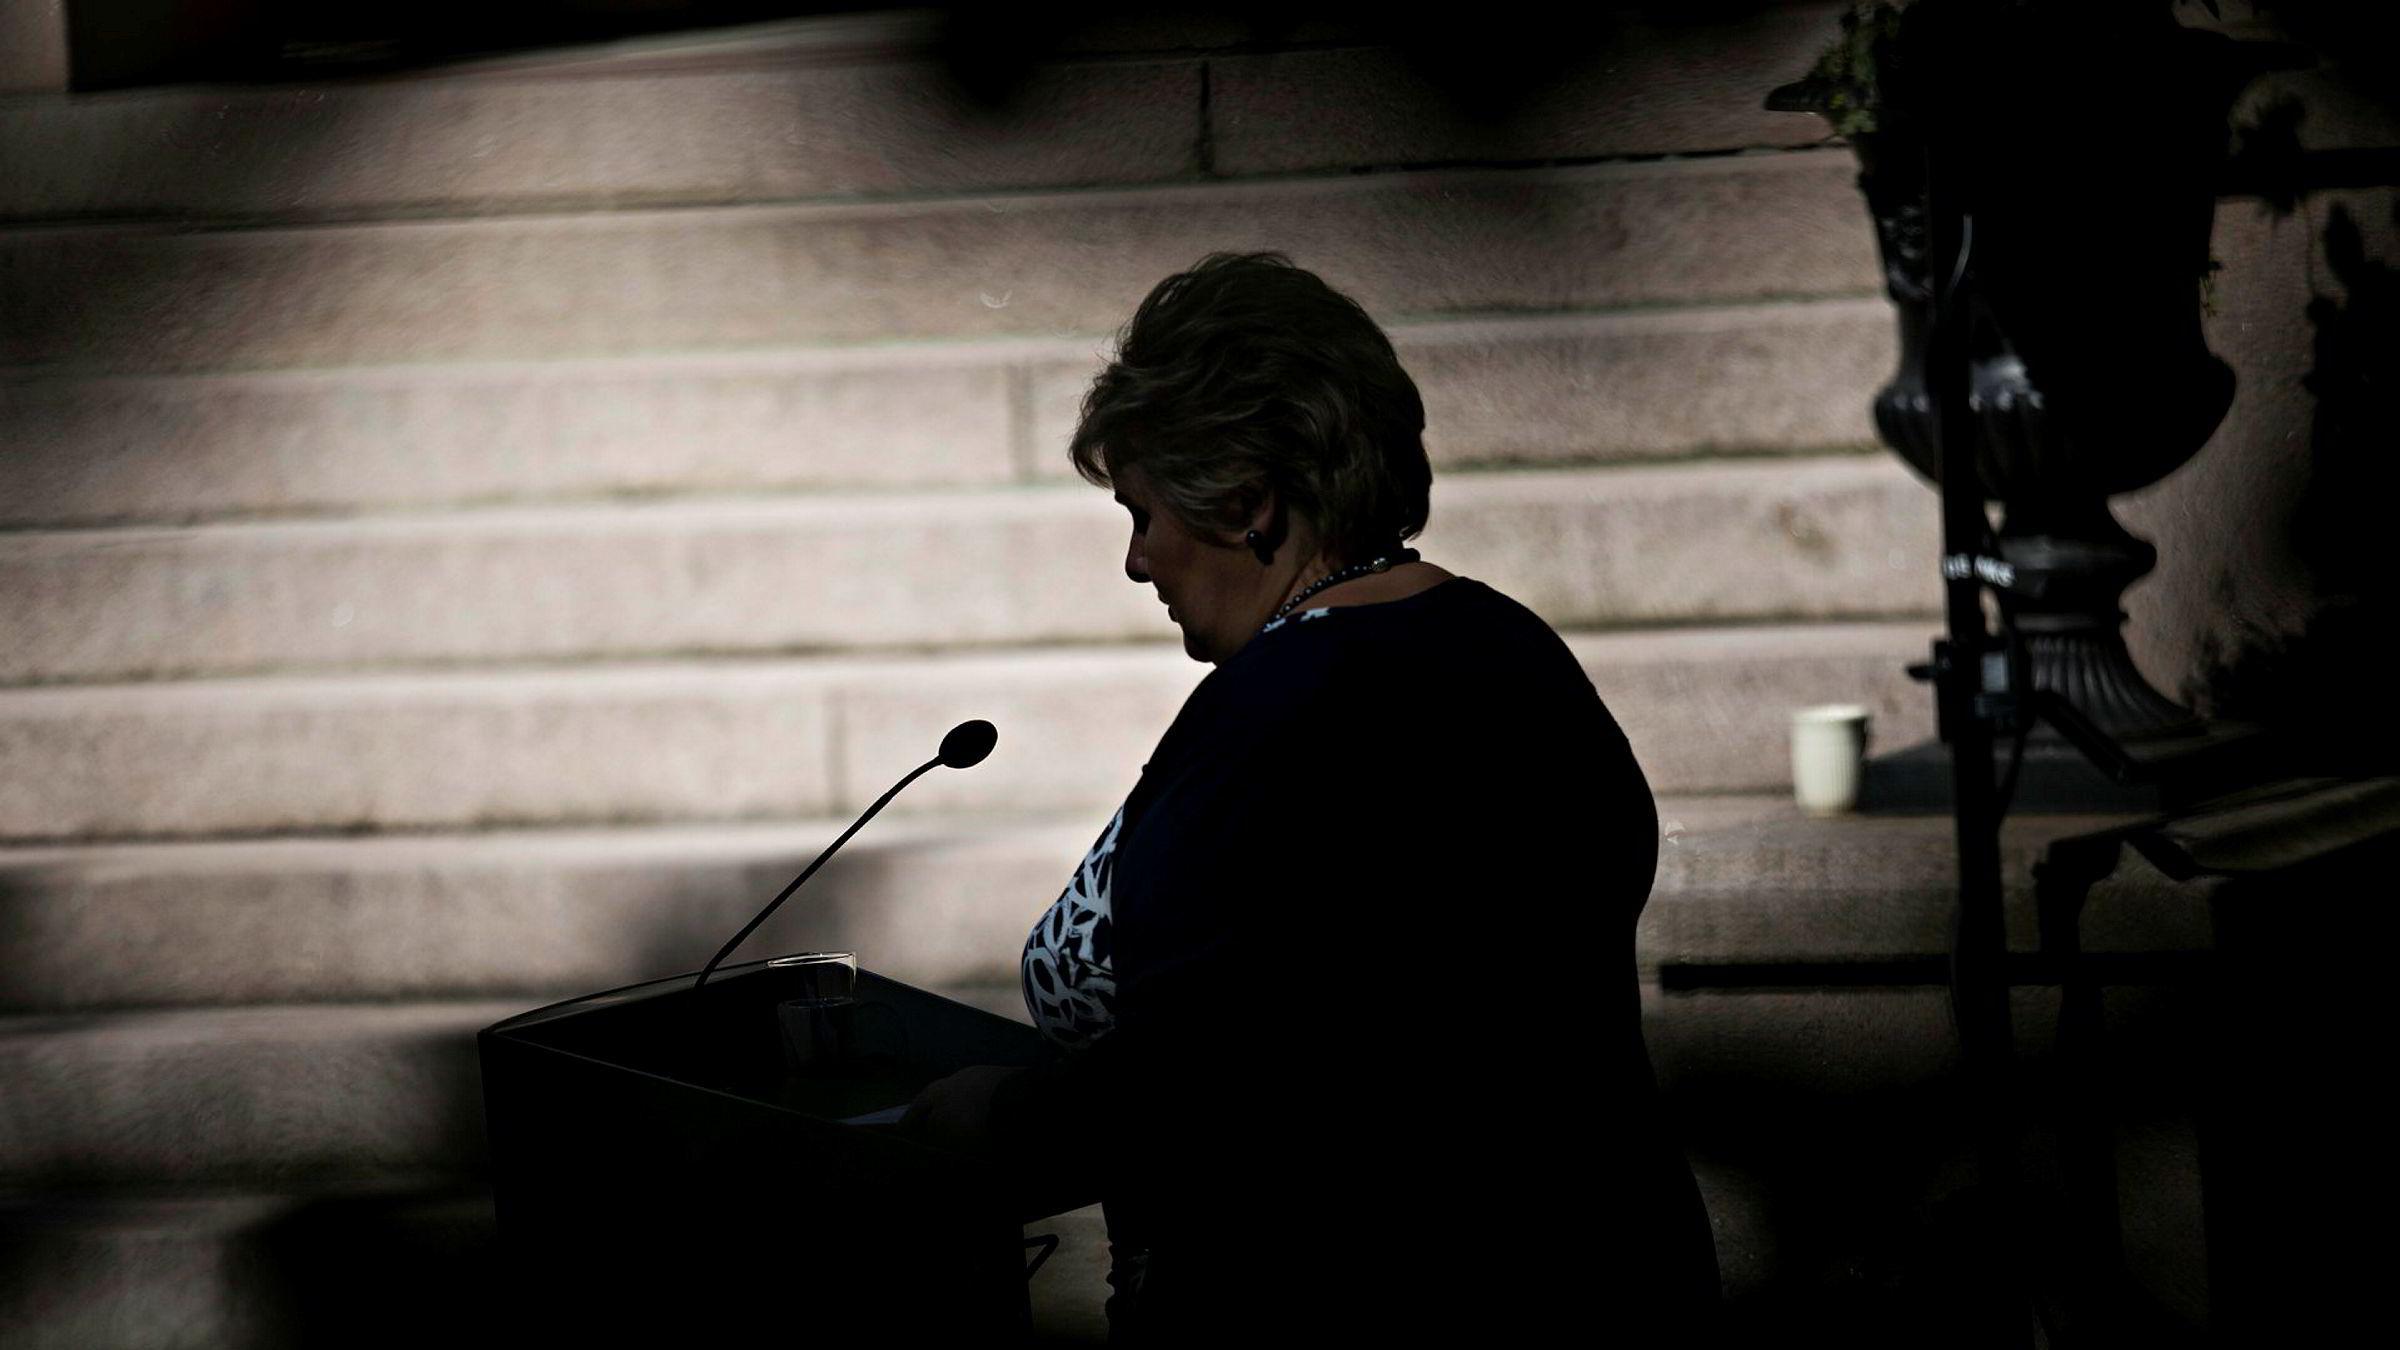 Statsminister Erna Solberg vil ikke gi noen vurdering av at kritikken mot hennes egen regjering er hemmeligstemplet.